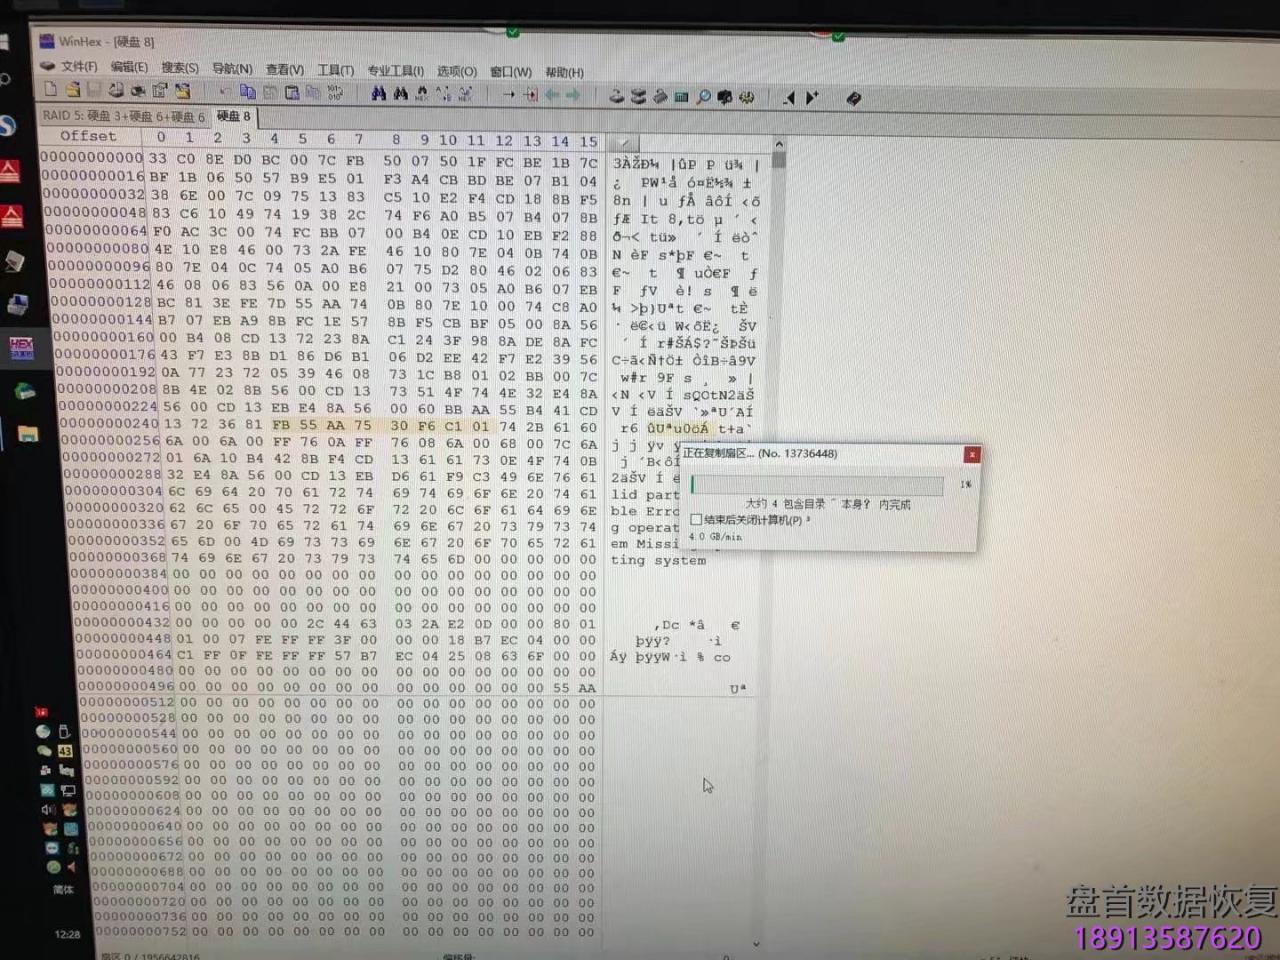 金蝶K3数据库数据恢复成功DELL R410服务器3块500G硬盘RAID5其中两块硬盘损坏